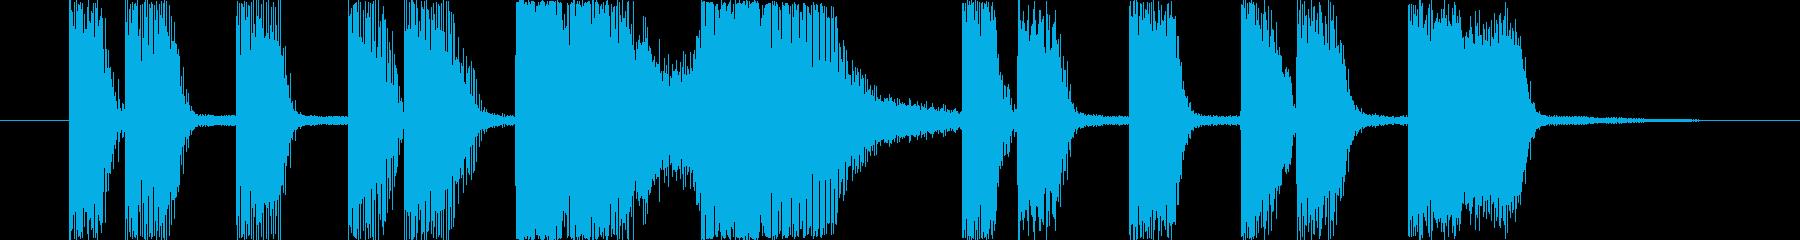 ゲーム 昭和レトロ 8bitの再生済みの波形